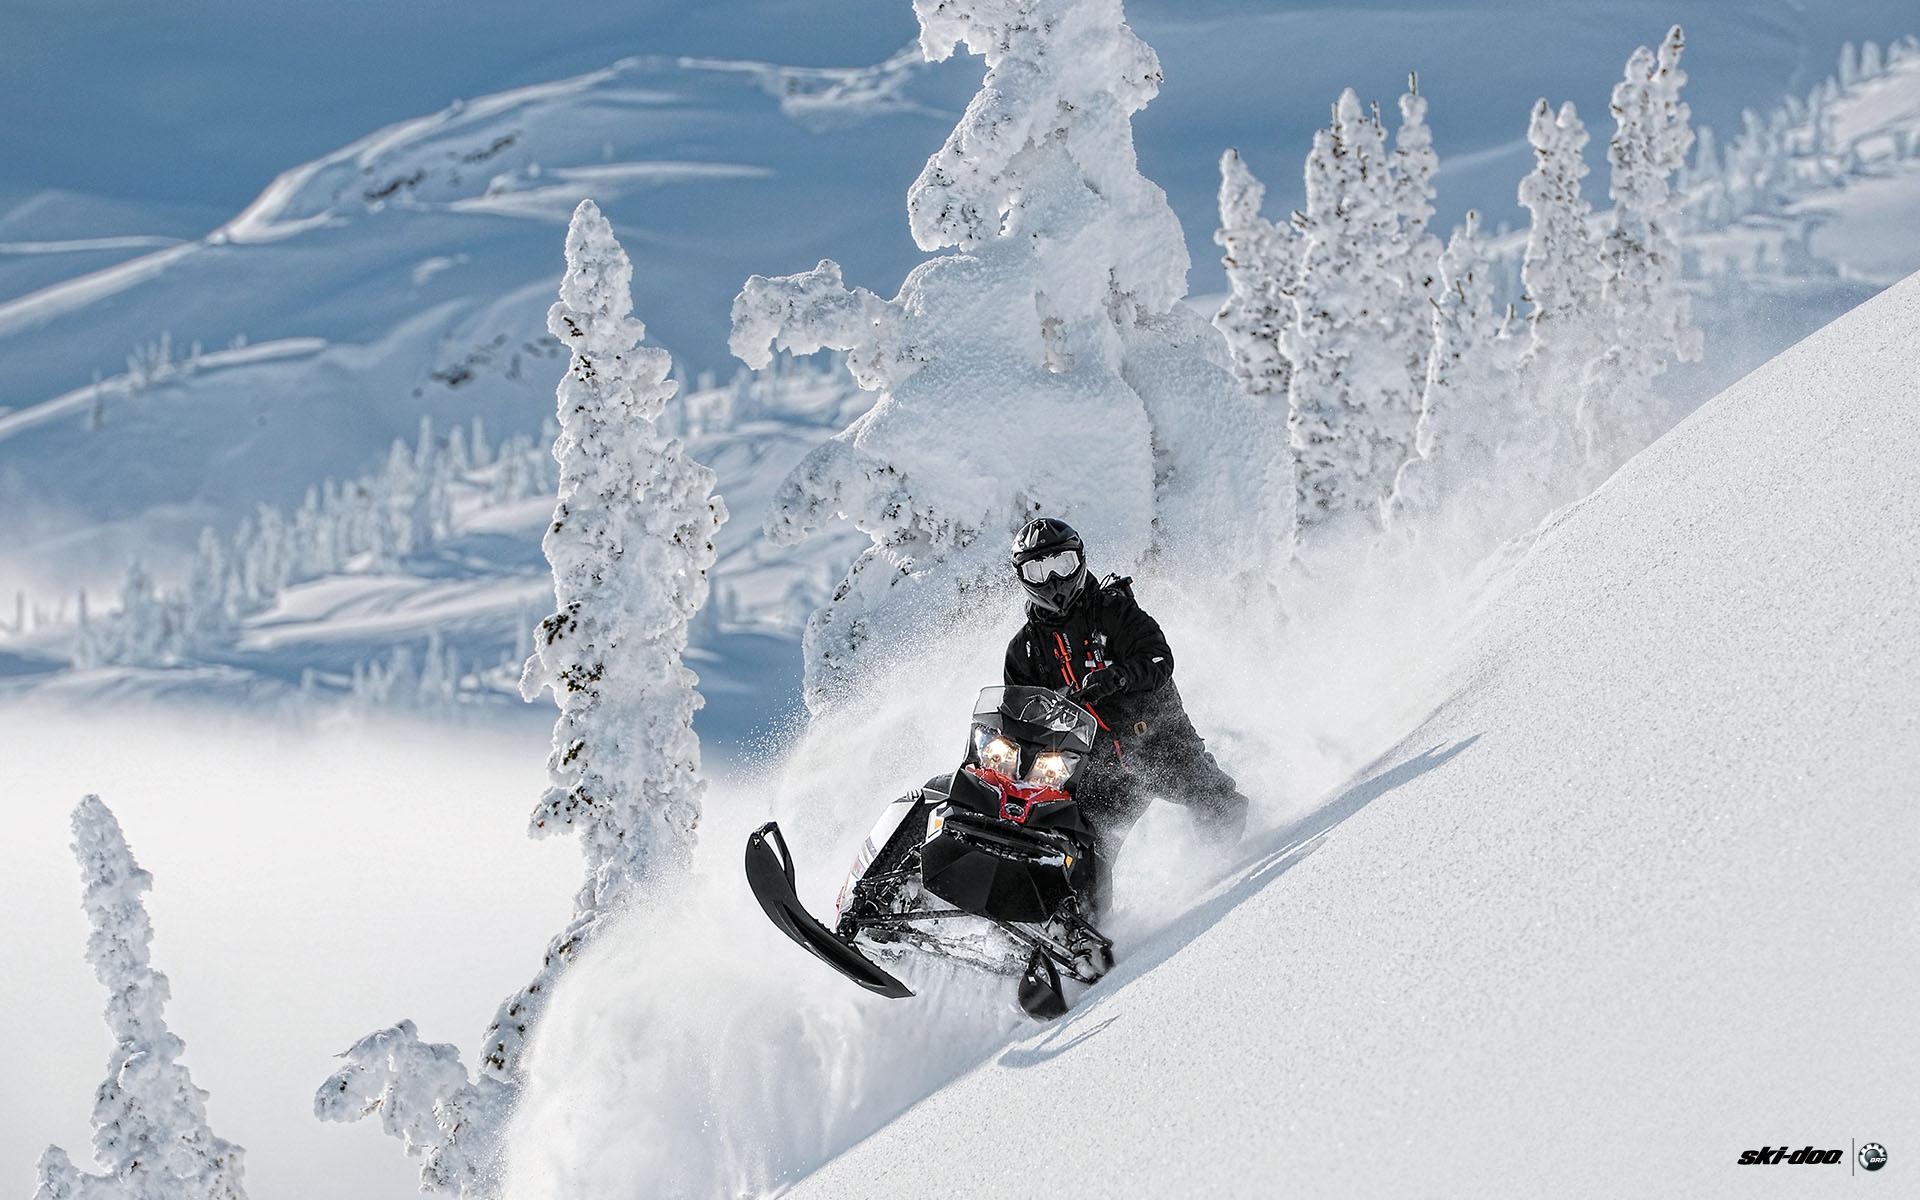 polaris snowmobile wallpaper wallpapersafari